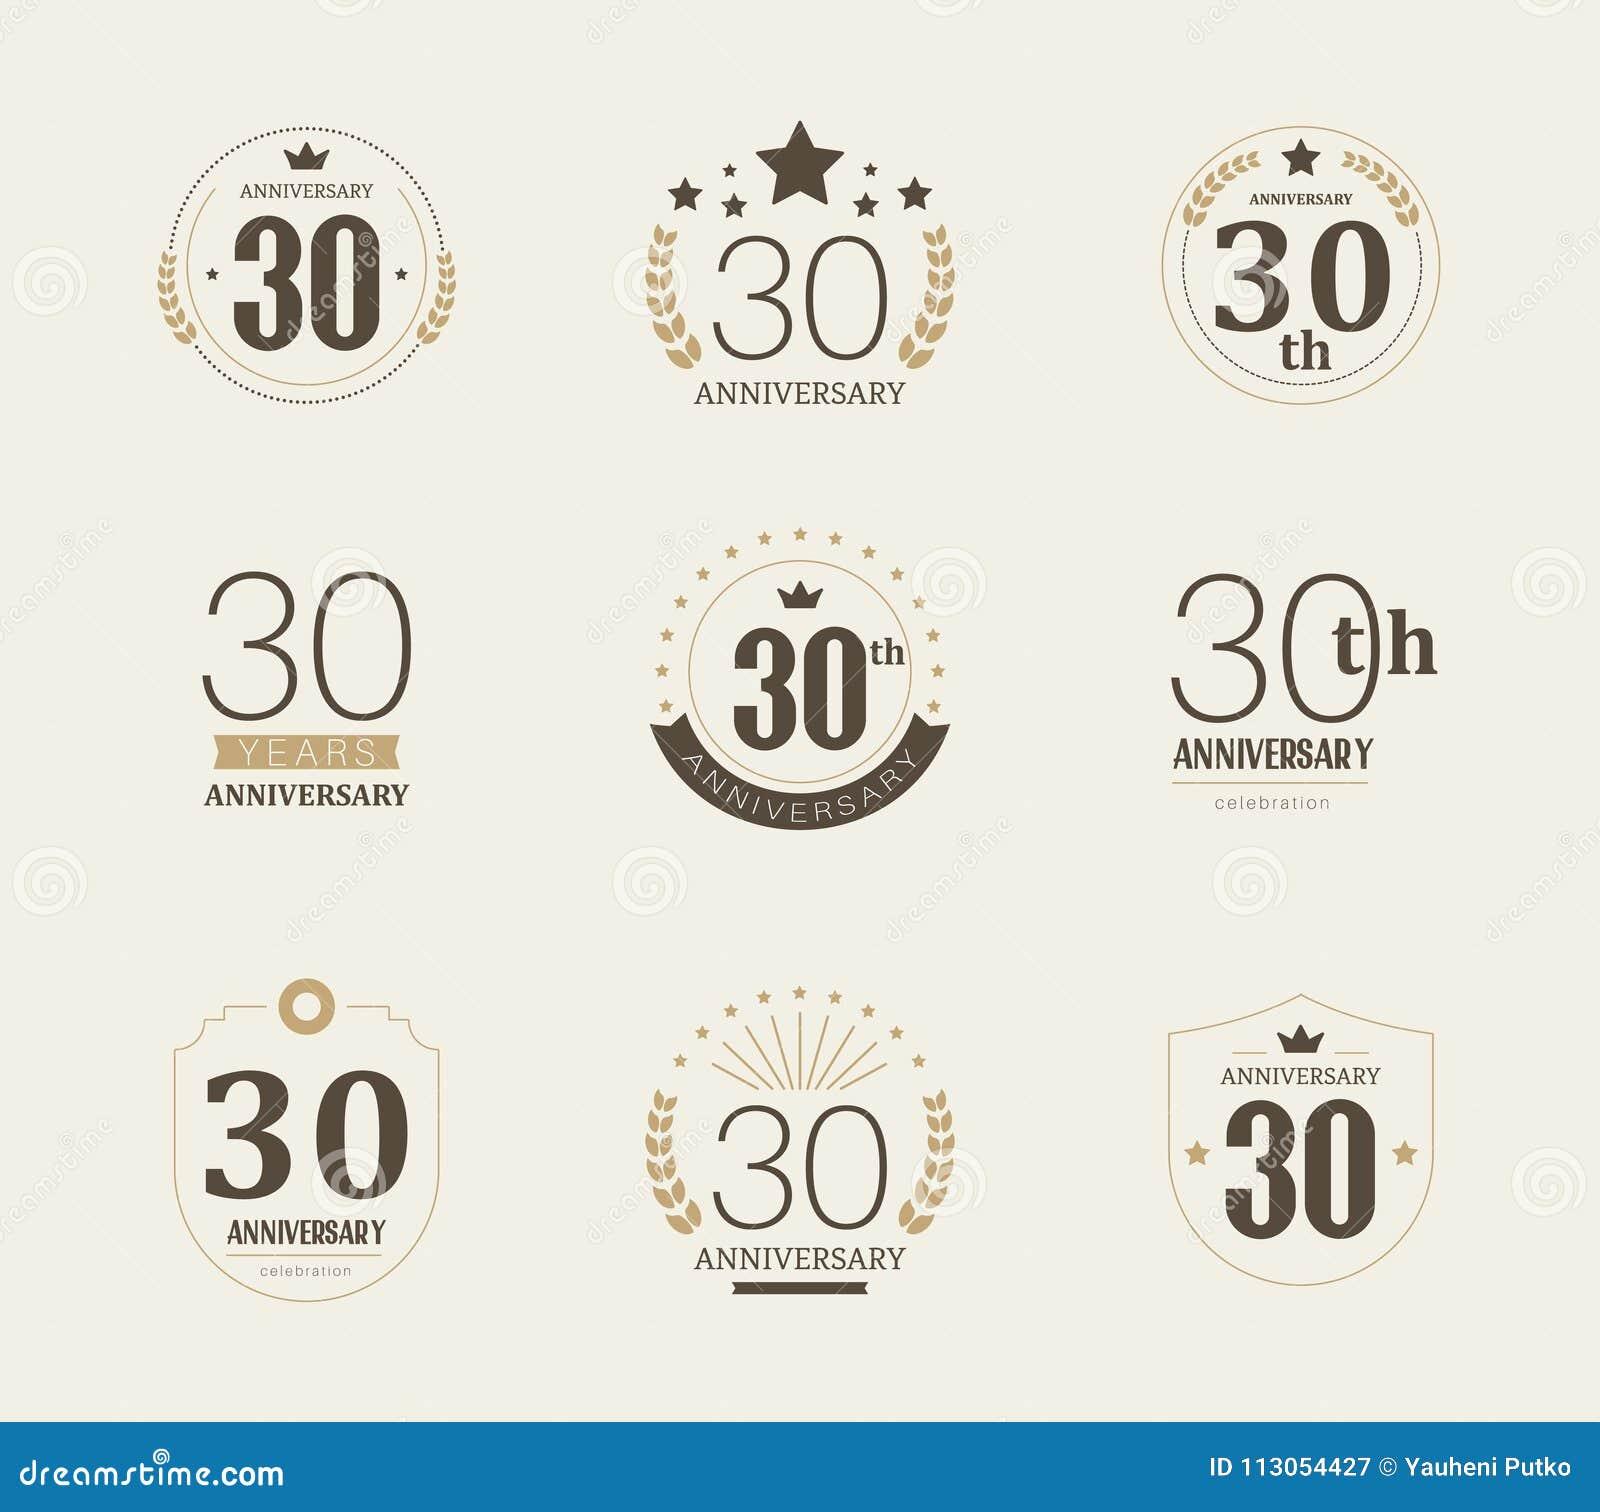 Thirty Years Anniversary Celebration Logotype 30th Anniversary Logo